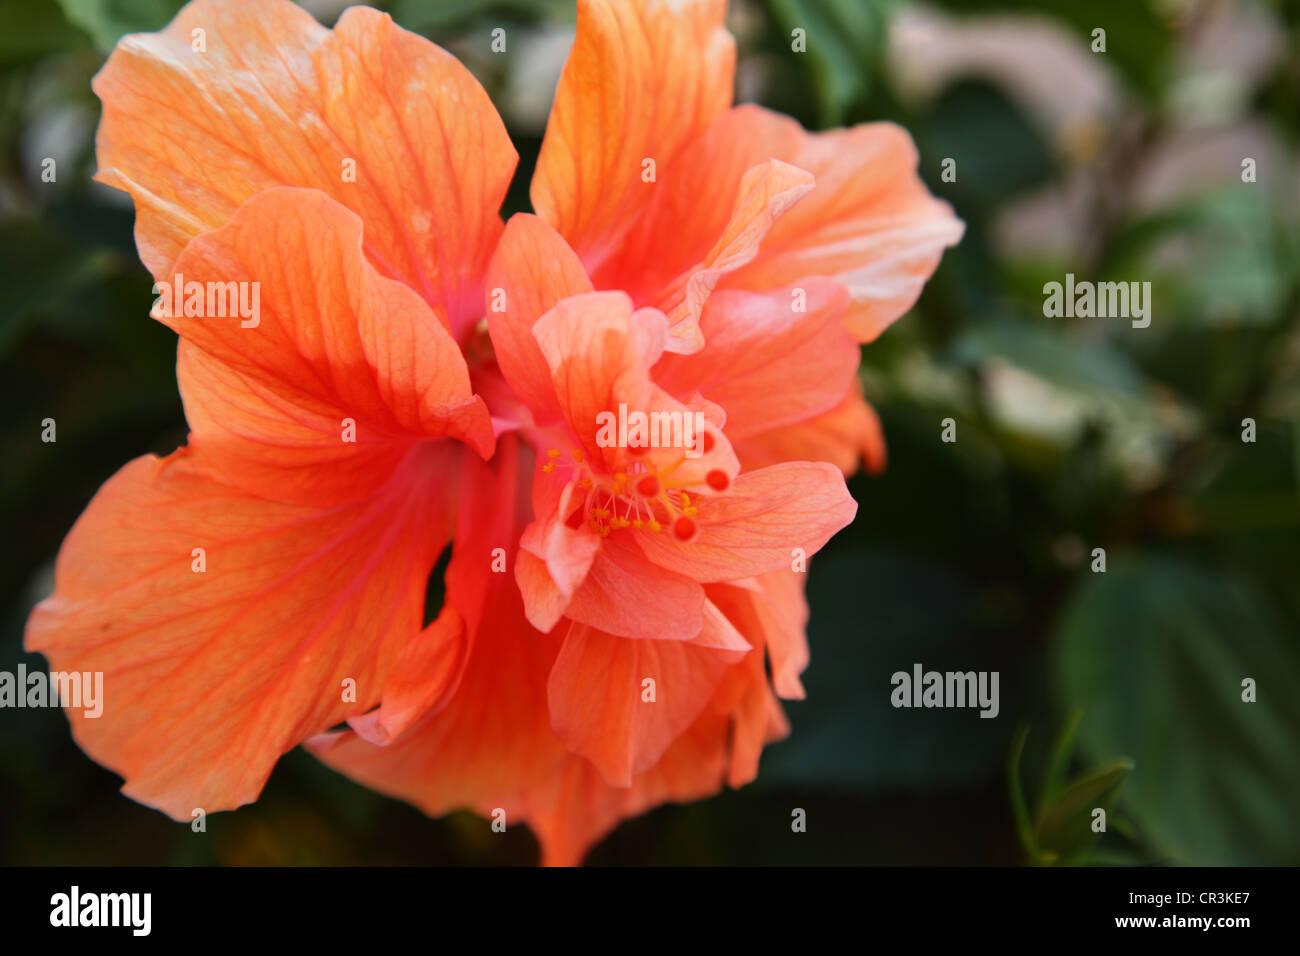 Sunset Hibiscus Stock Photos Sunset Hibiscus Stock Images Alamy